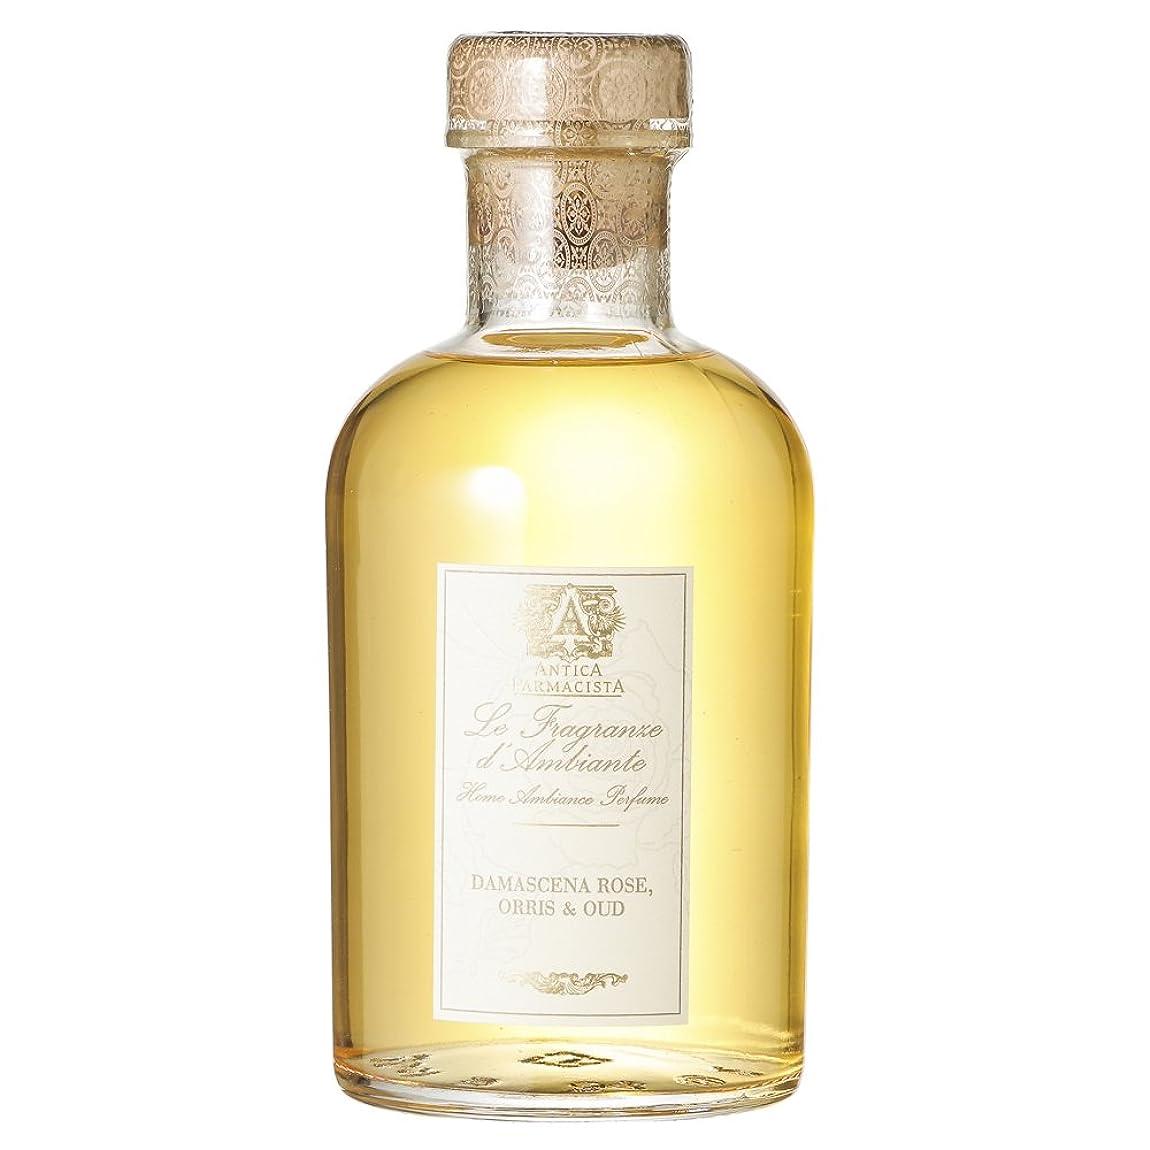 保全一回バイオレットアンティカ ファルマシスタ ルームディフューザー 500ml ルームフレグランス (種類:Damascena Rose,Orris & Oud) ANTICA FARMACISTA [並行輸入品]